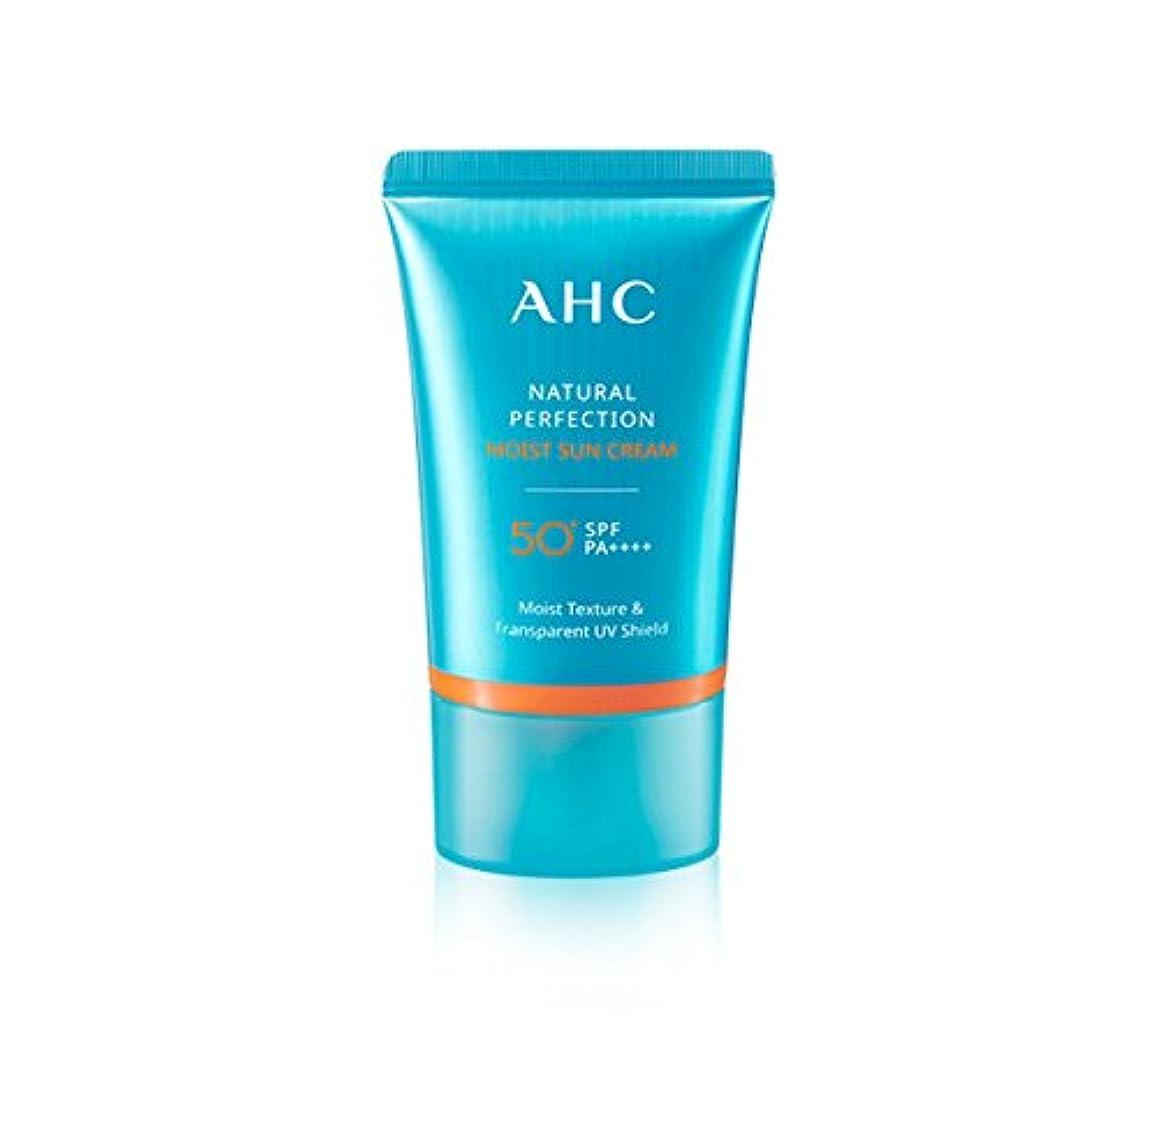 輝度コーラス植物学者AHC Natural Perfection Moist Sun Cream 50ml/AHC ナチュラル パーフェクション モイスト サン クリーム 50ml [並行輸入品]